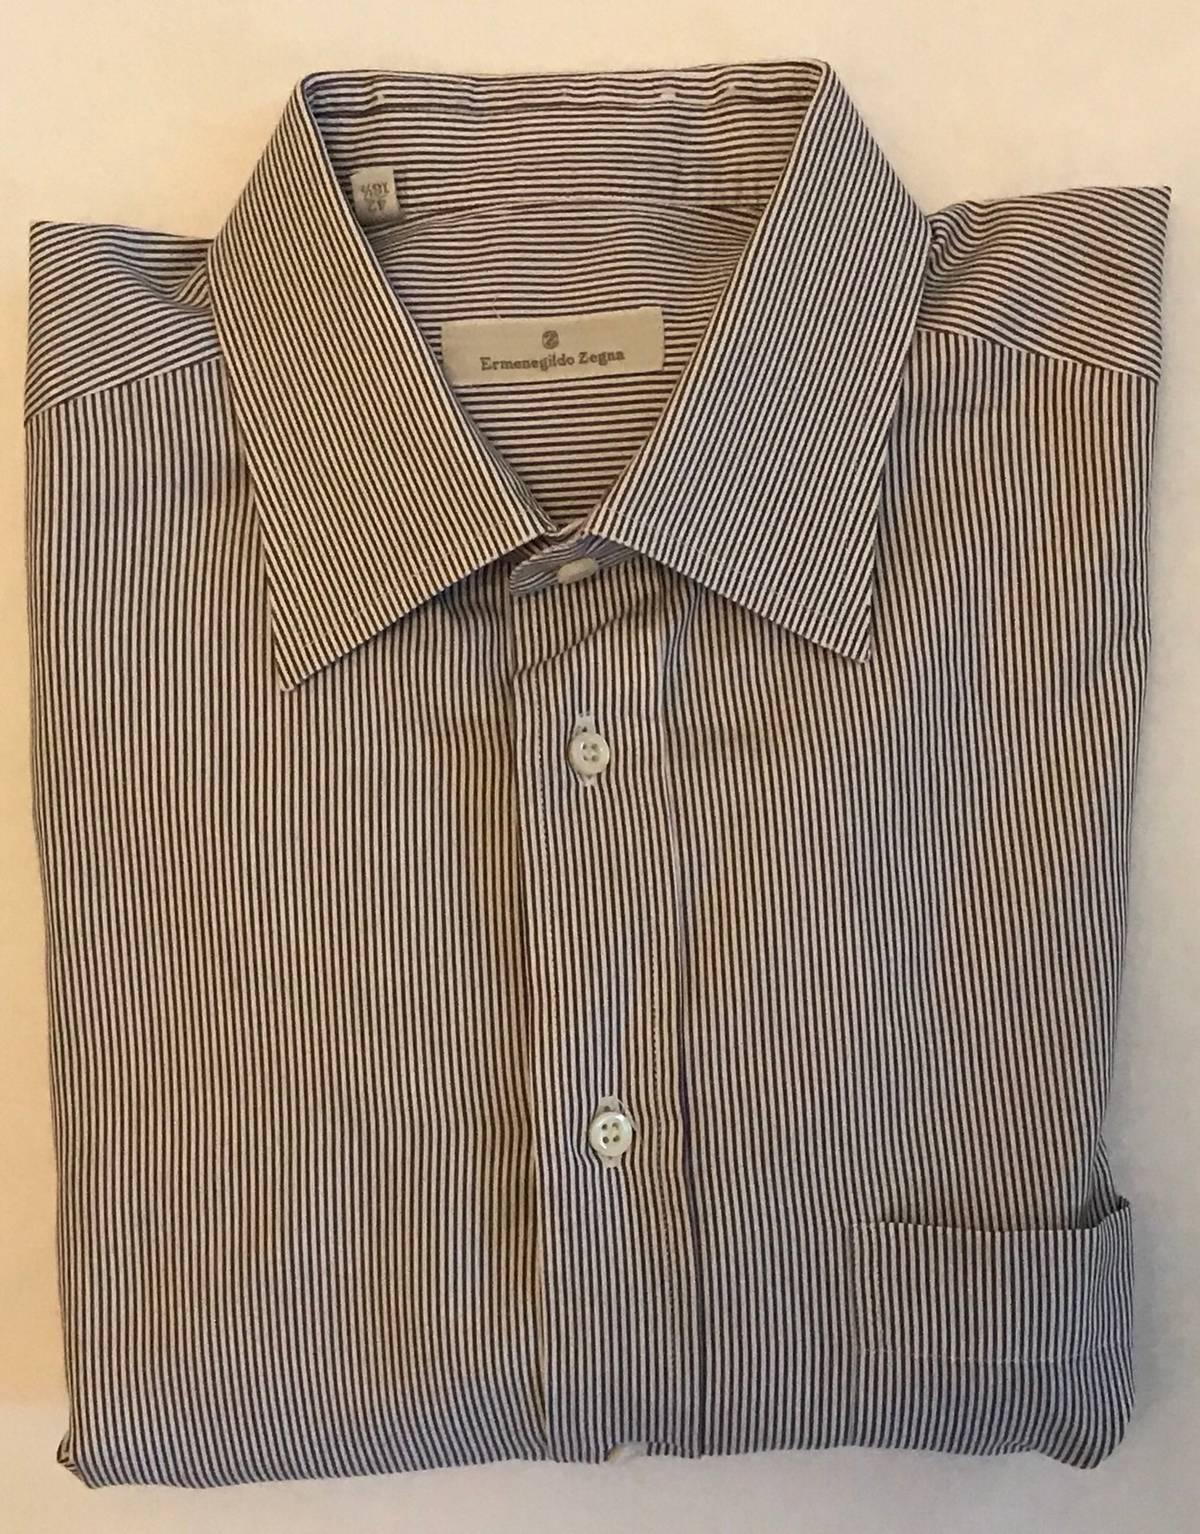 Ermenegildo Zegna Ermenegildo Zegna Striped All Cotton Dress Shirt